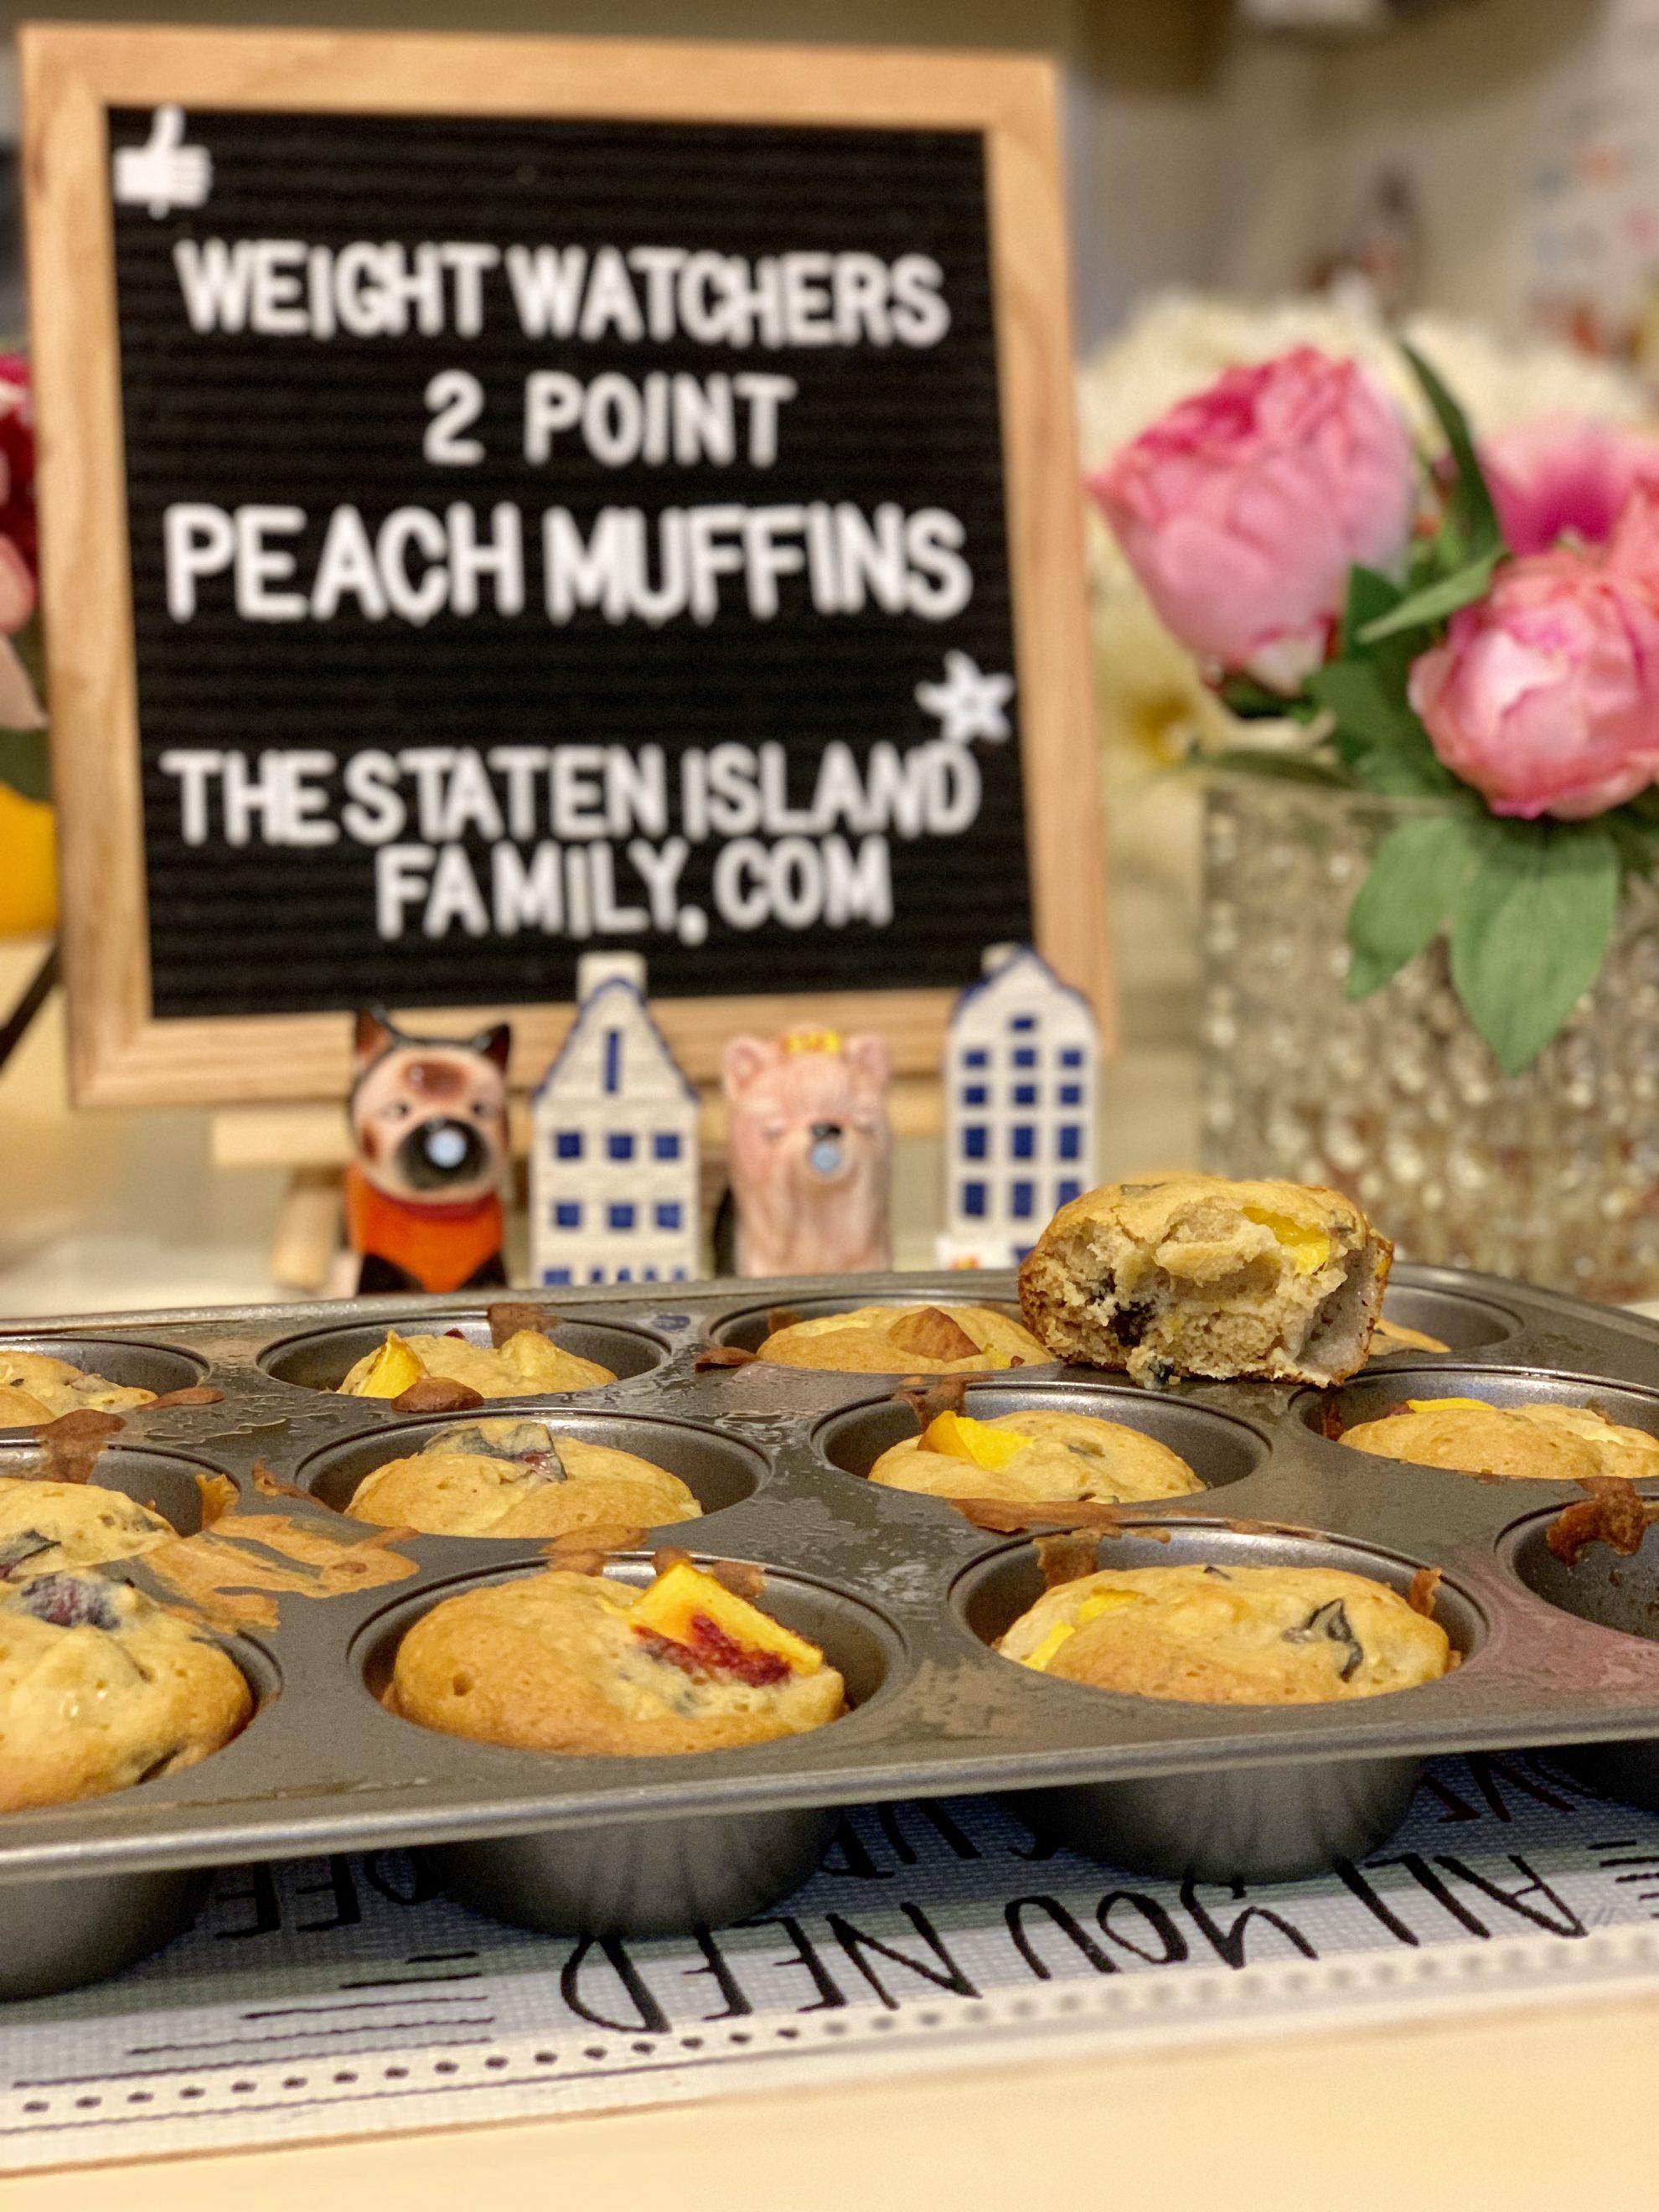 Weight Watchers Peach Muffins